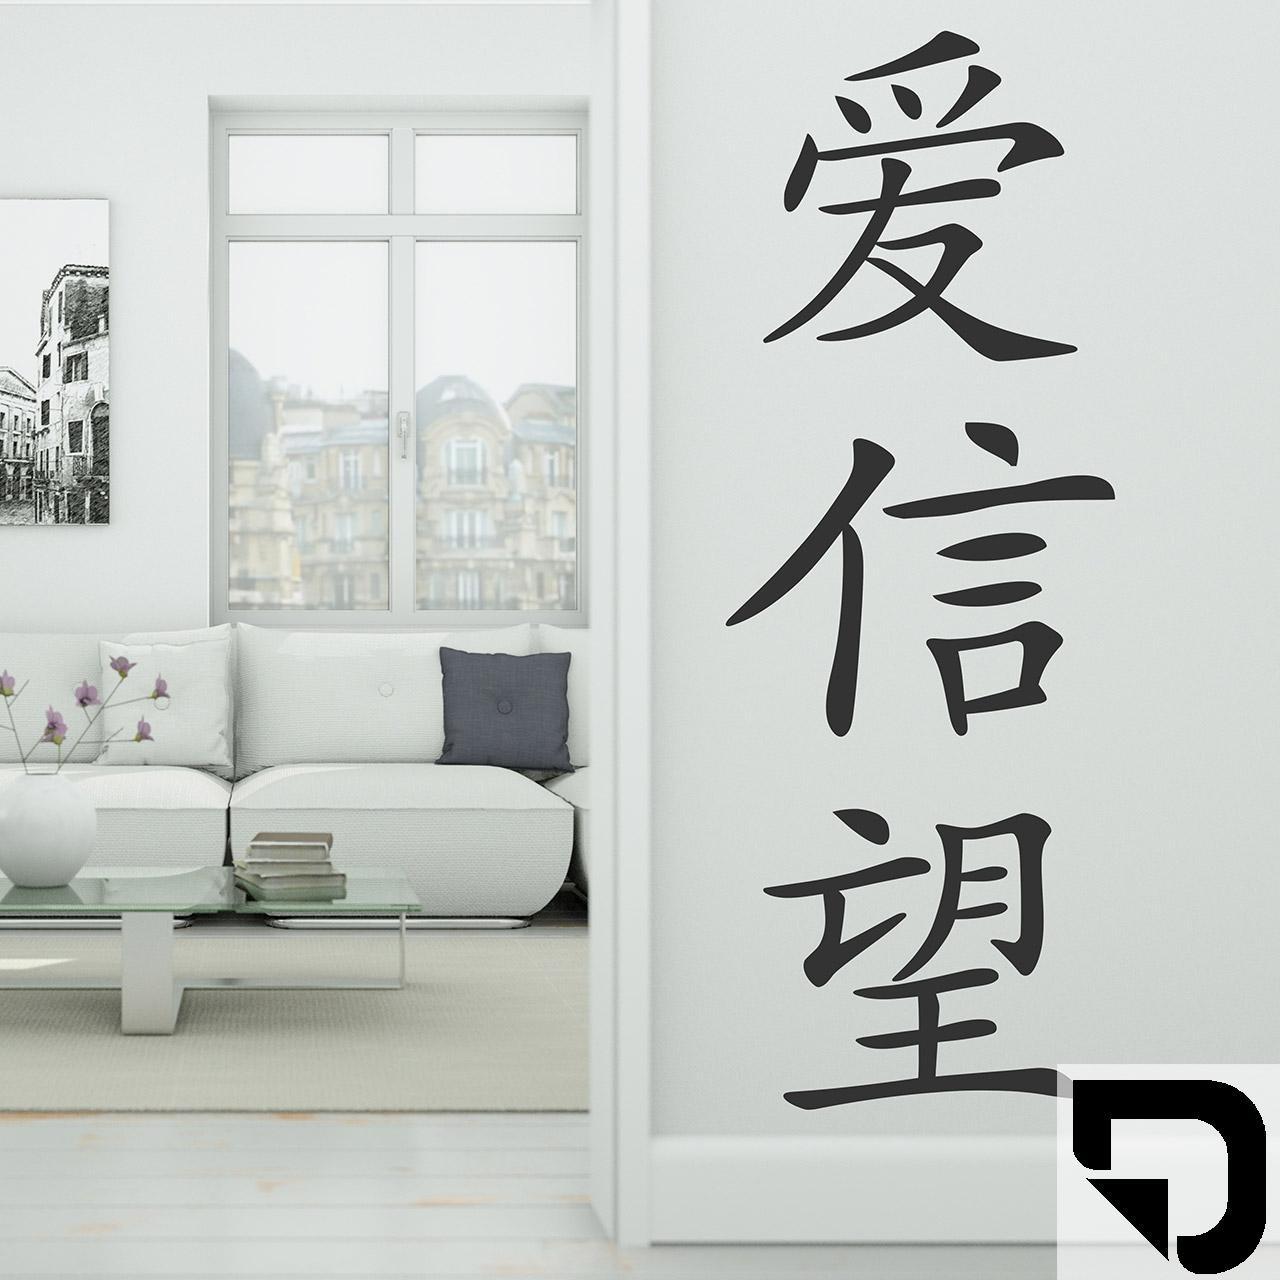 DESIGNSCAPE® Wandtattoo Chinesische Zeichen Liebe, Glaube, Hoffnung 33 X 90  Cm (Breite X Höhe) Schwarz DW807046 S F4: Amazon.de: Baumarkt